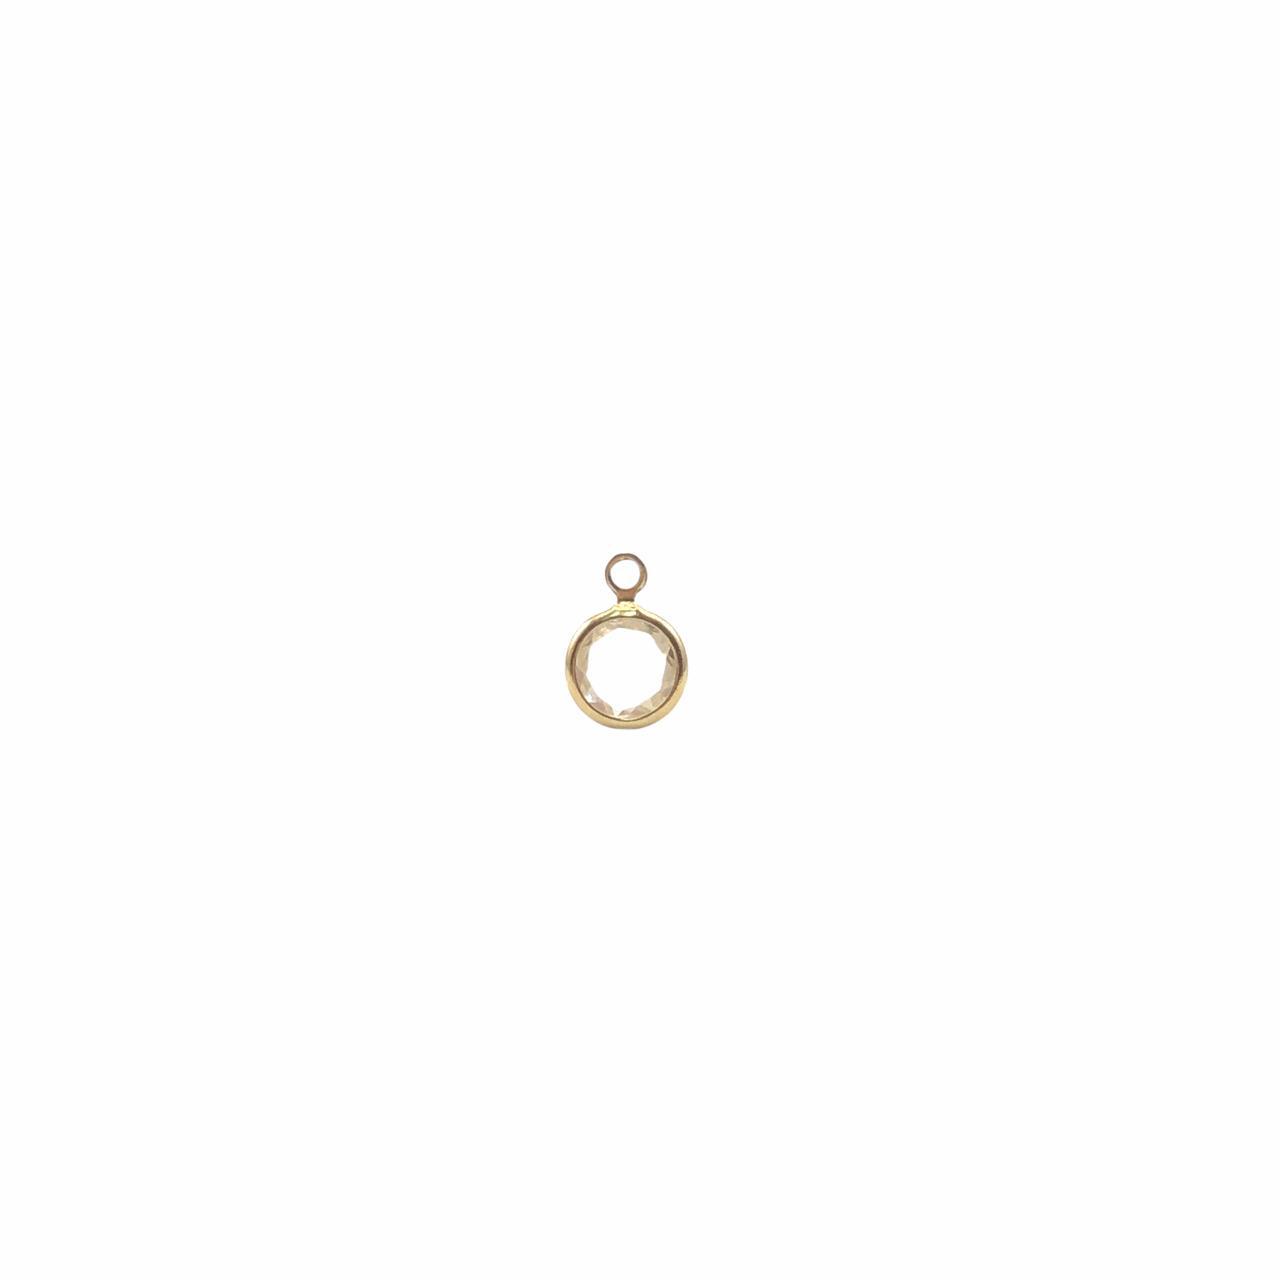 PG896 - Pingente De Vidro Cristal 6mm Banhado Cor Dourado - 04Unids